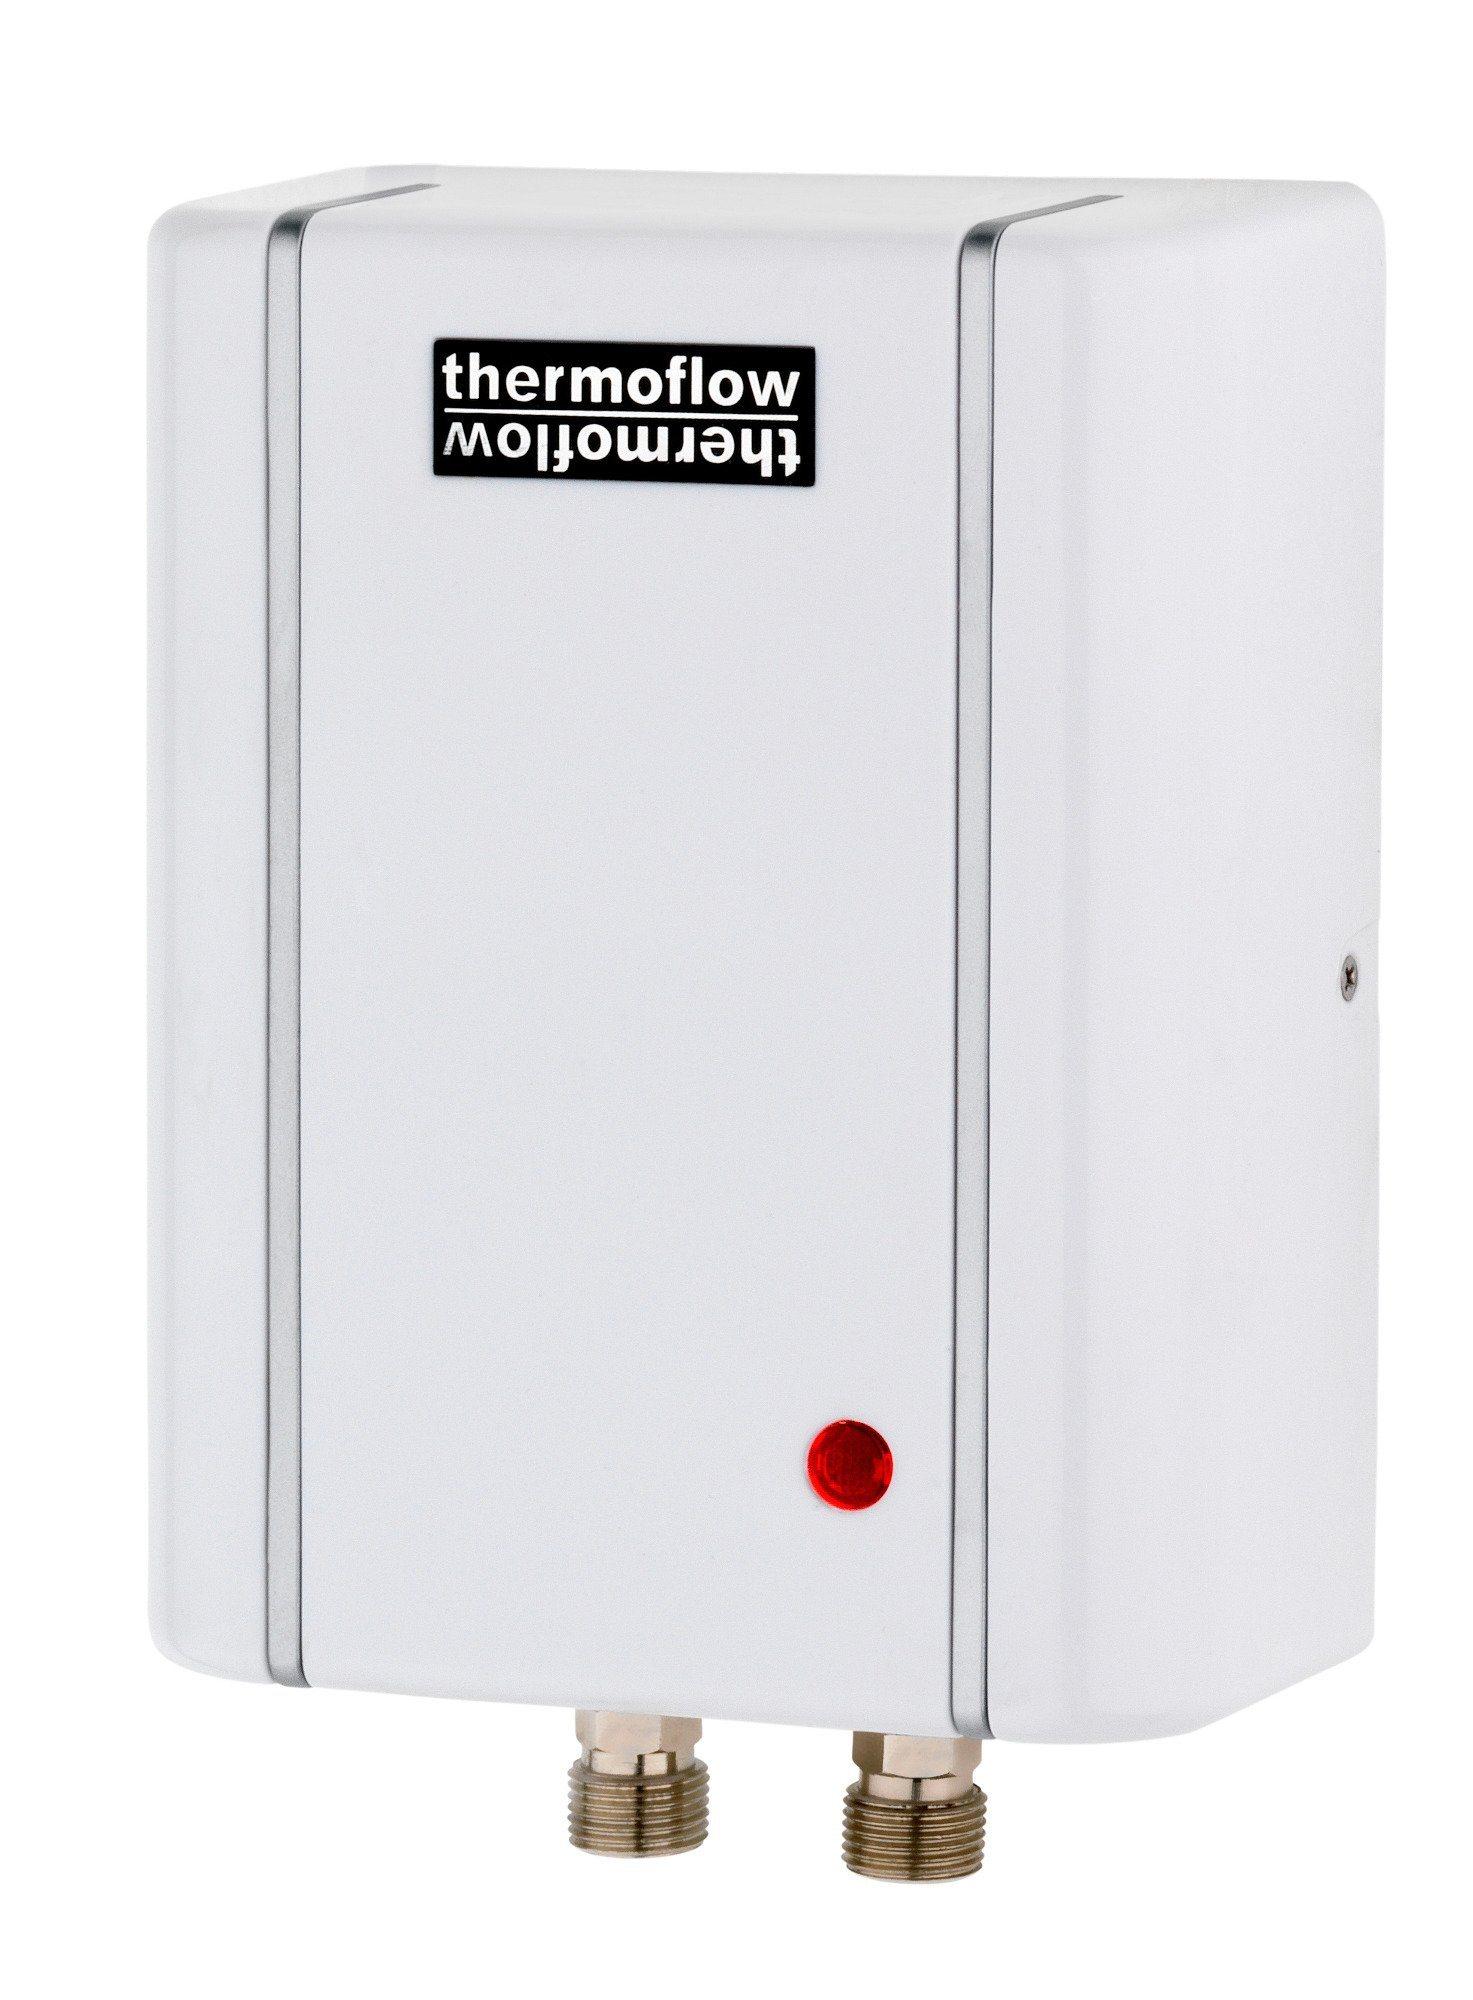 RESPEKTA : Kleindurchlauferhitzer »Thermoflow Elex 3,5« | Baumarkt > Heizung und Klima > Durchlauferhitzer | RESPEKTA